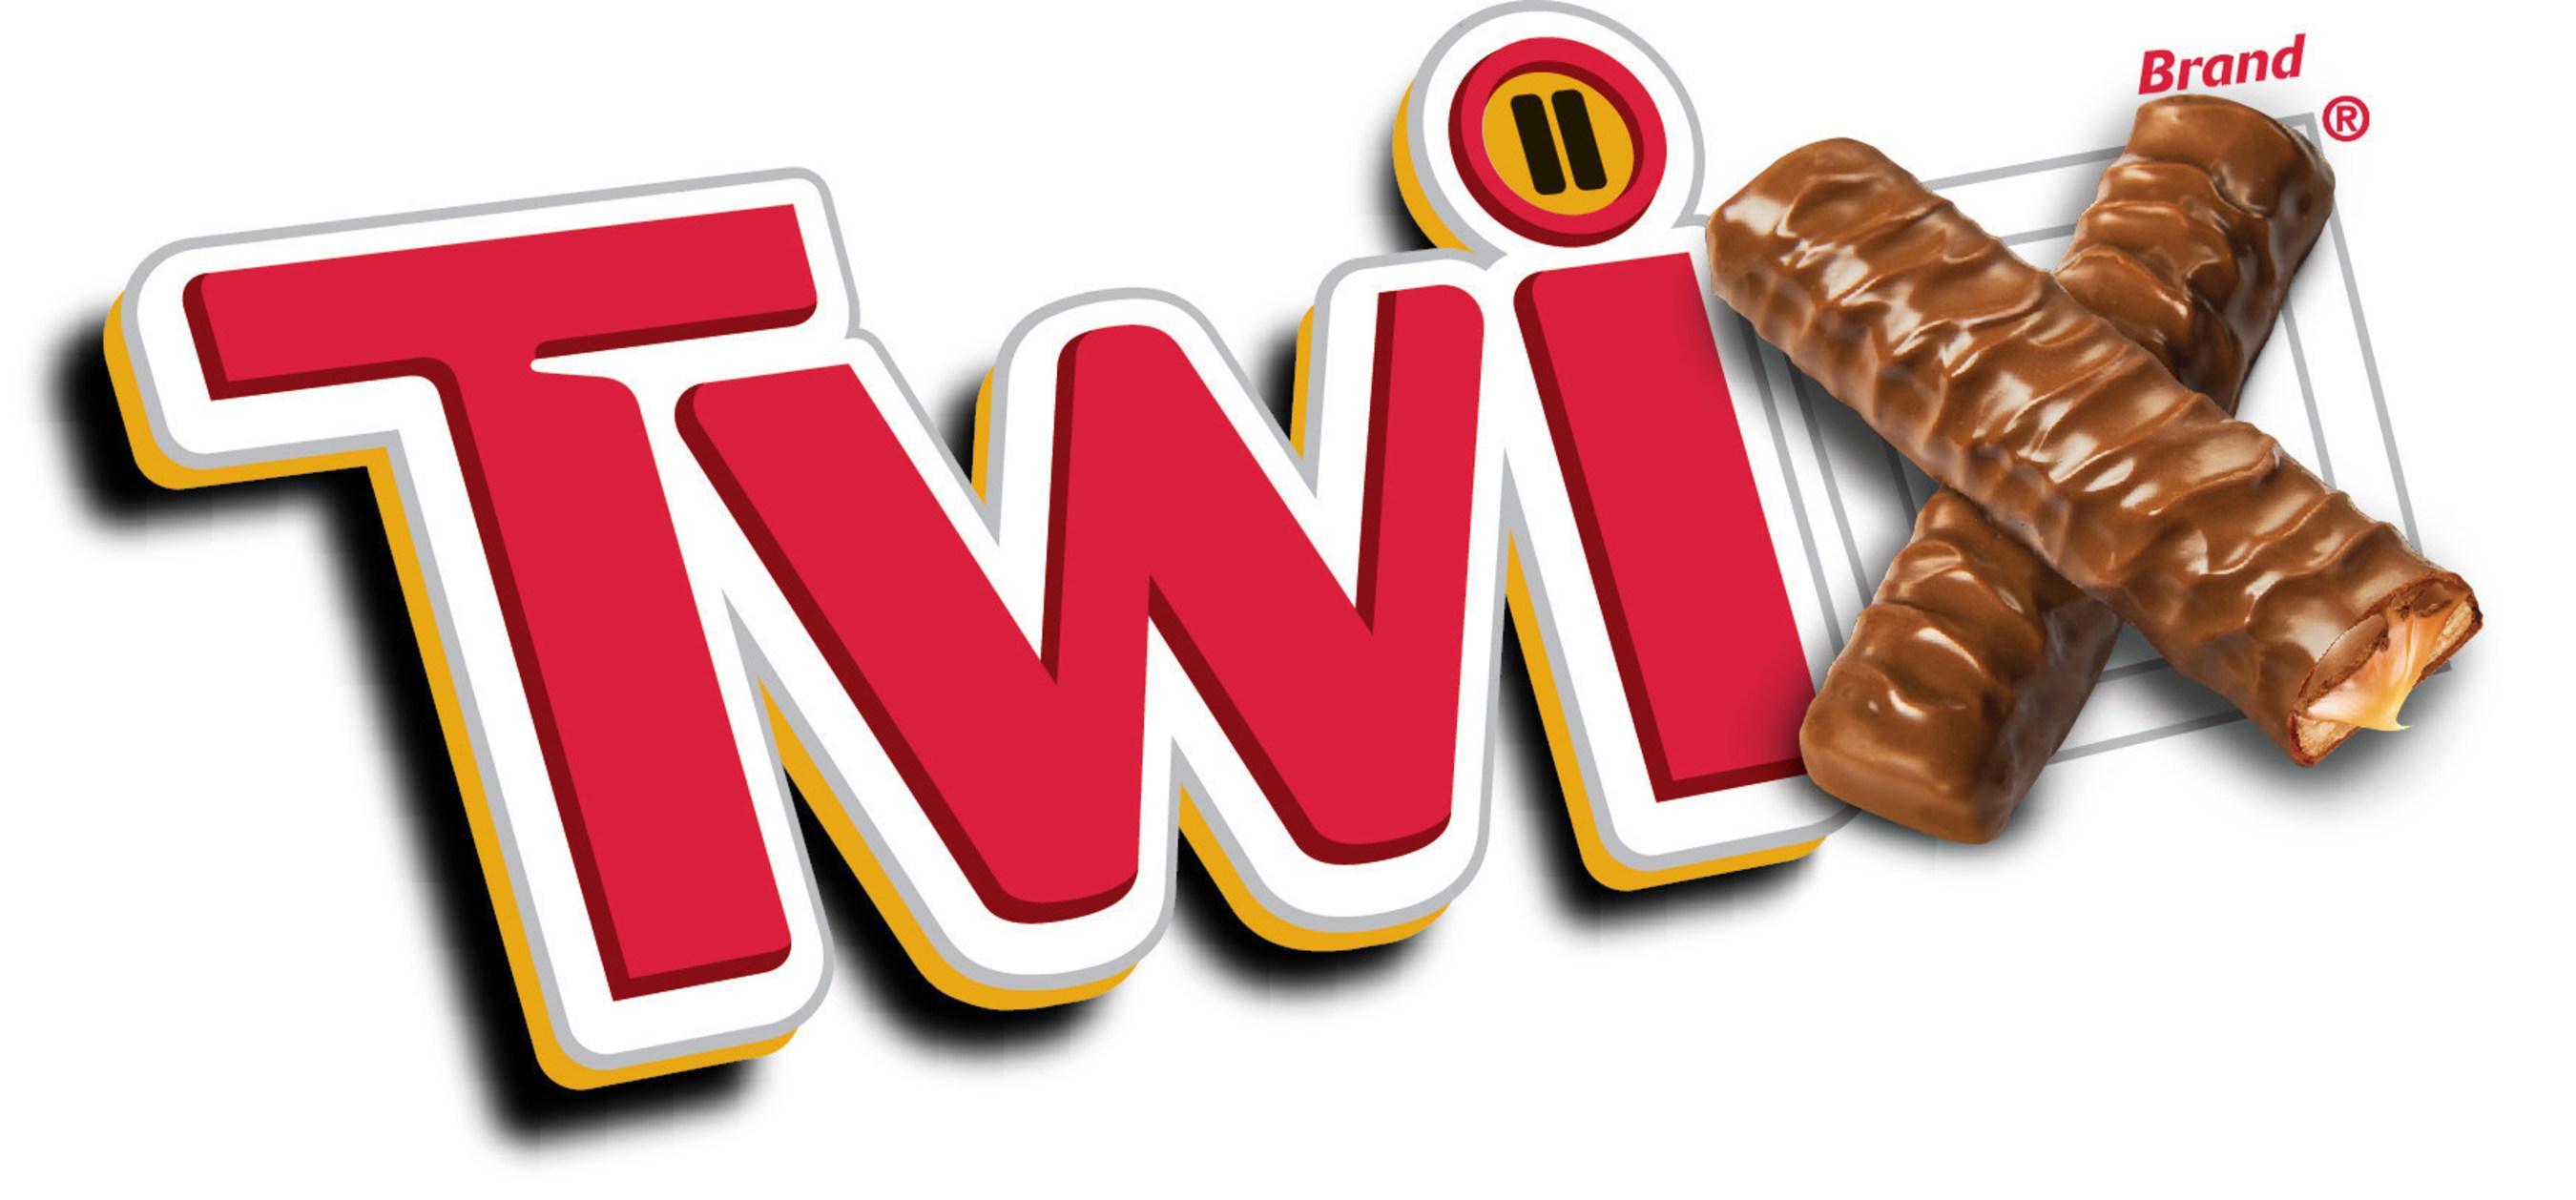 TWIX(R) (PRNewsFoto/Mars, Incorporated)